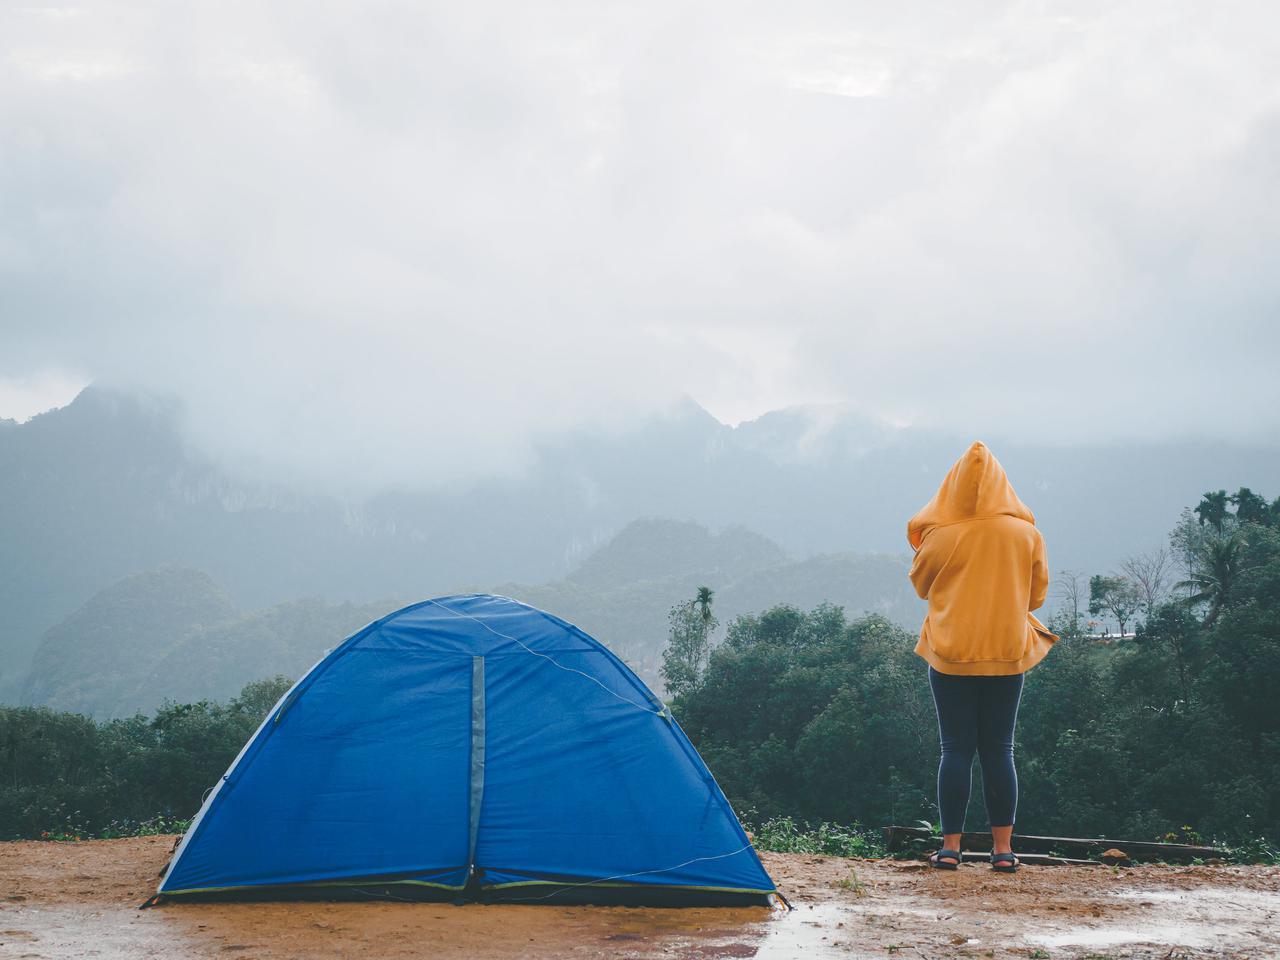 画像: でも、そんな簡易なテントで「耐久性」「使い勝手」は大丈夫なの?